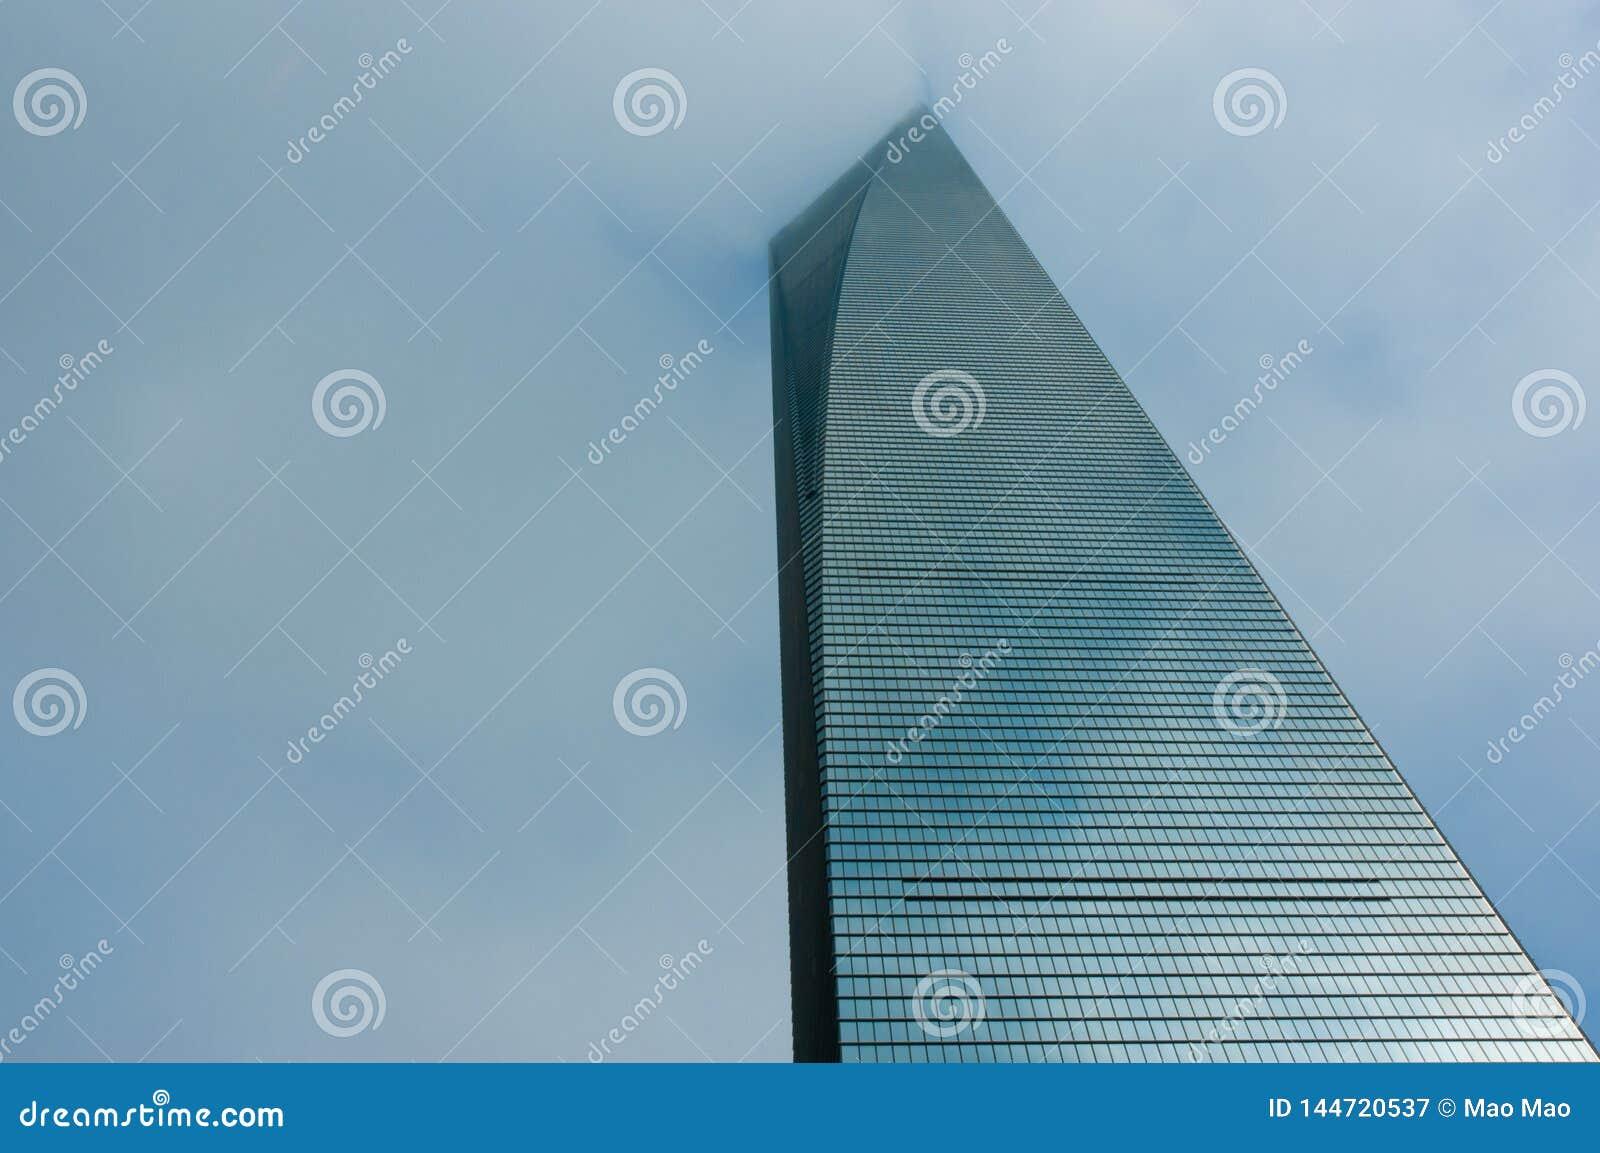 Shanghai, Cina, il 26 luglio 2014: Paesaggio dei grattacieli del centro finanziario del mondo, Shanghai